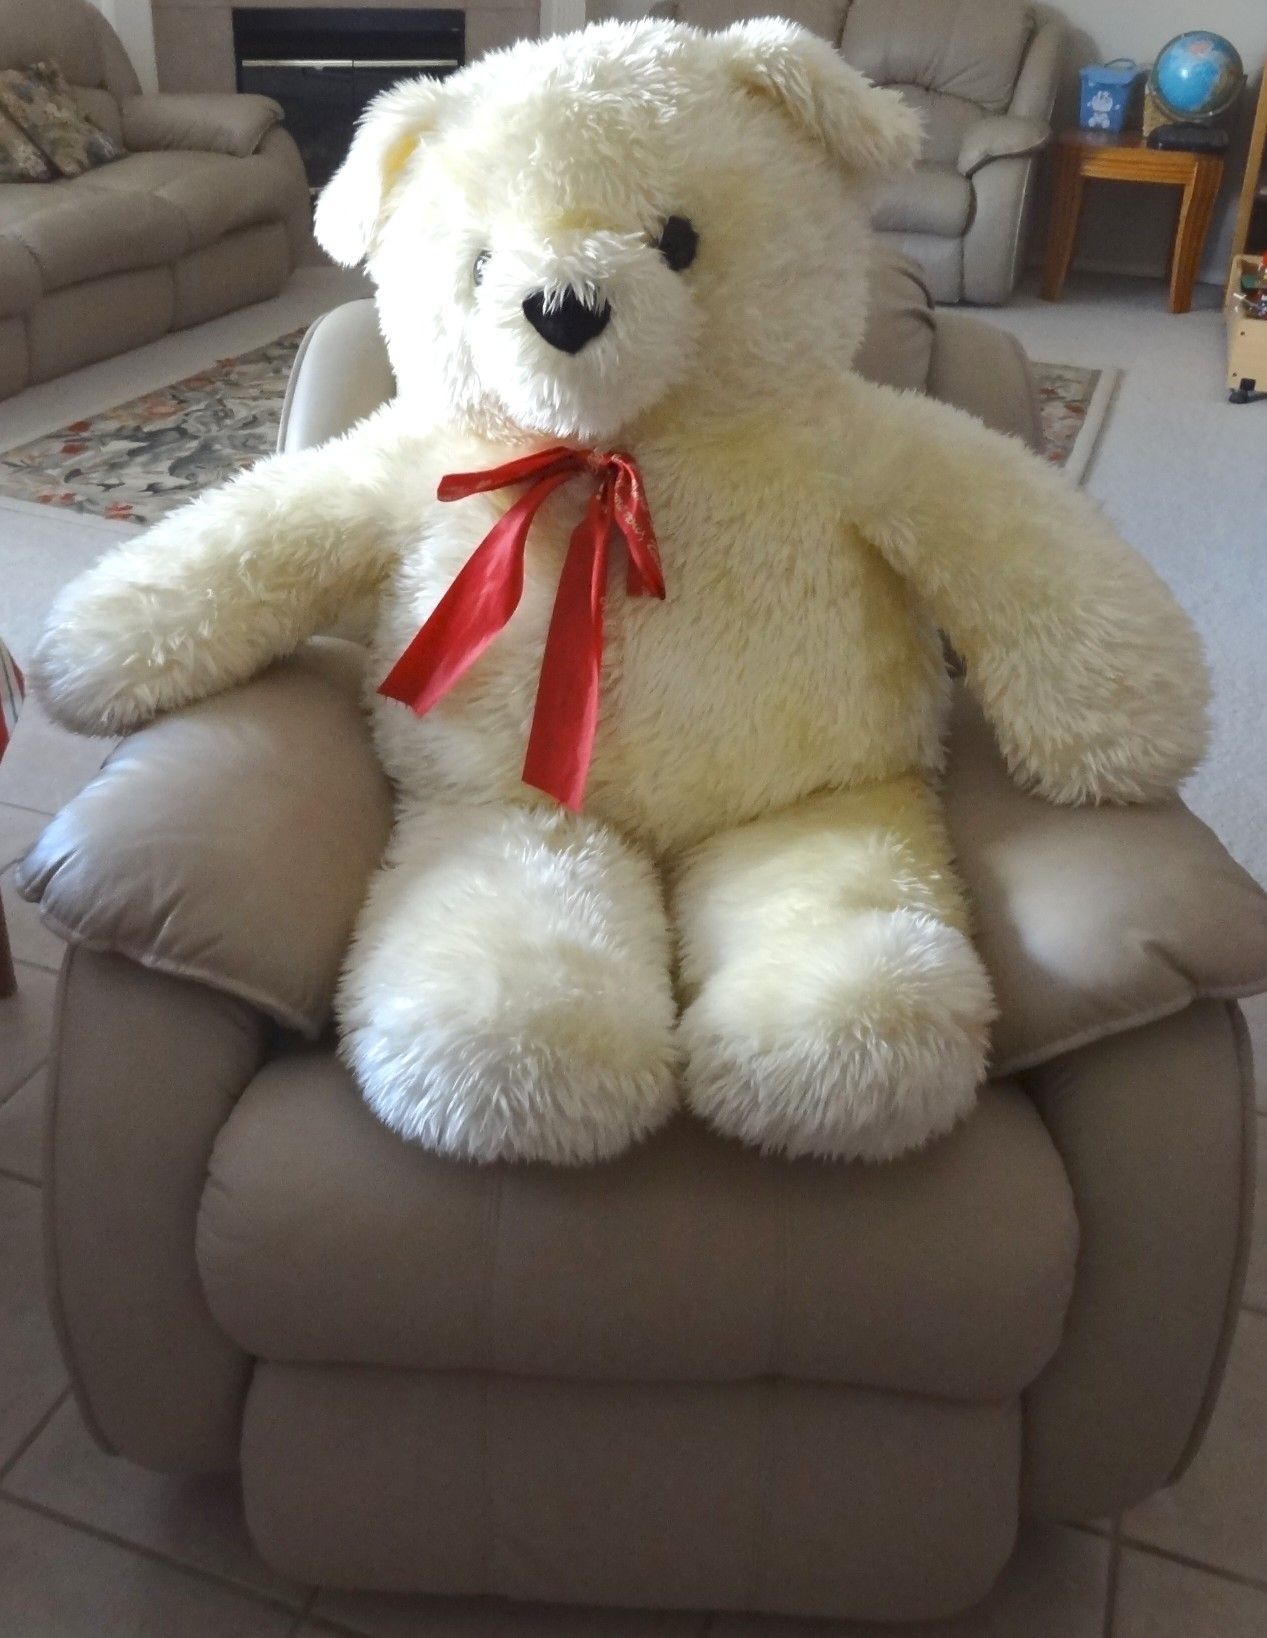 New Big Hugh Giant Stuffed Teddy Bear Dallas DFW TX P U